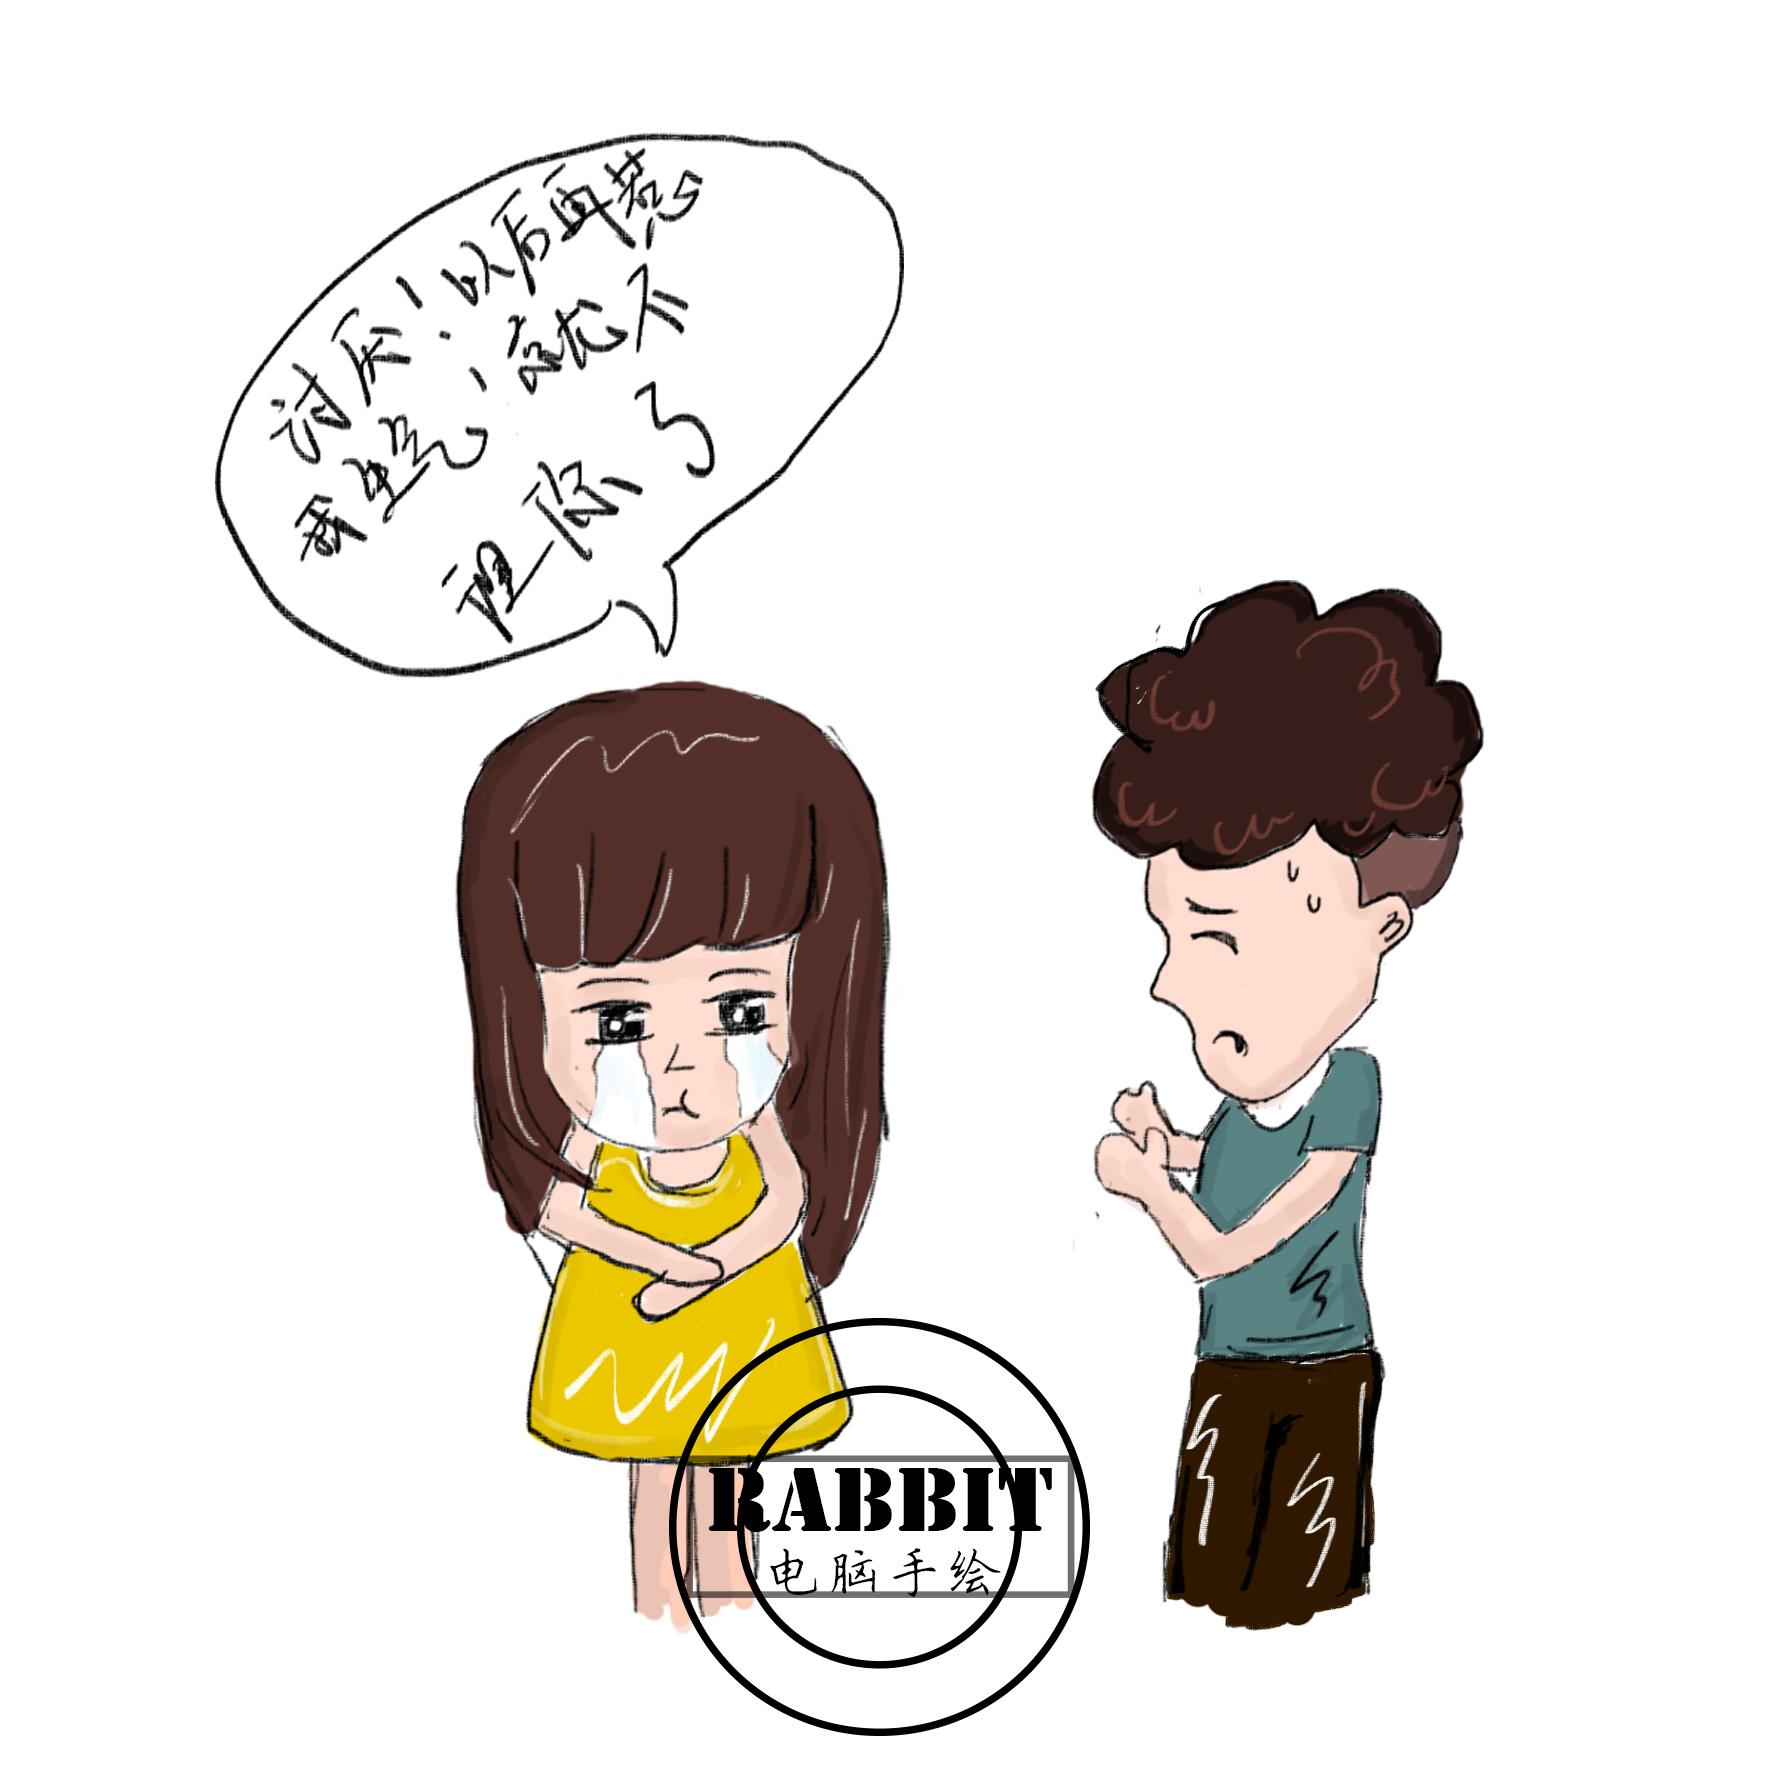 手绘情侣间的对话(芜湖方言vs普通话)